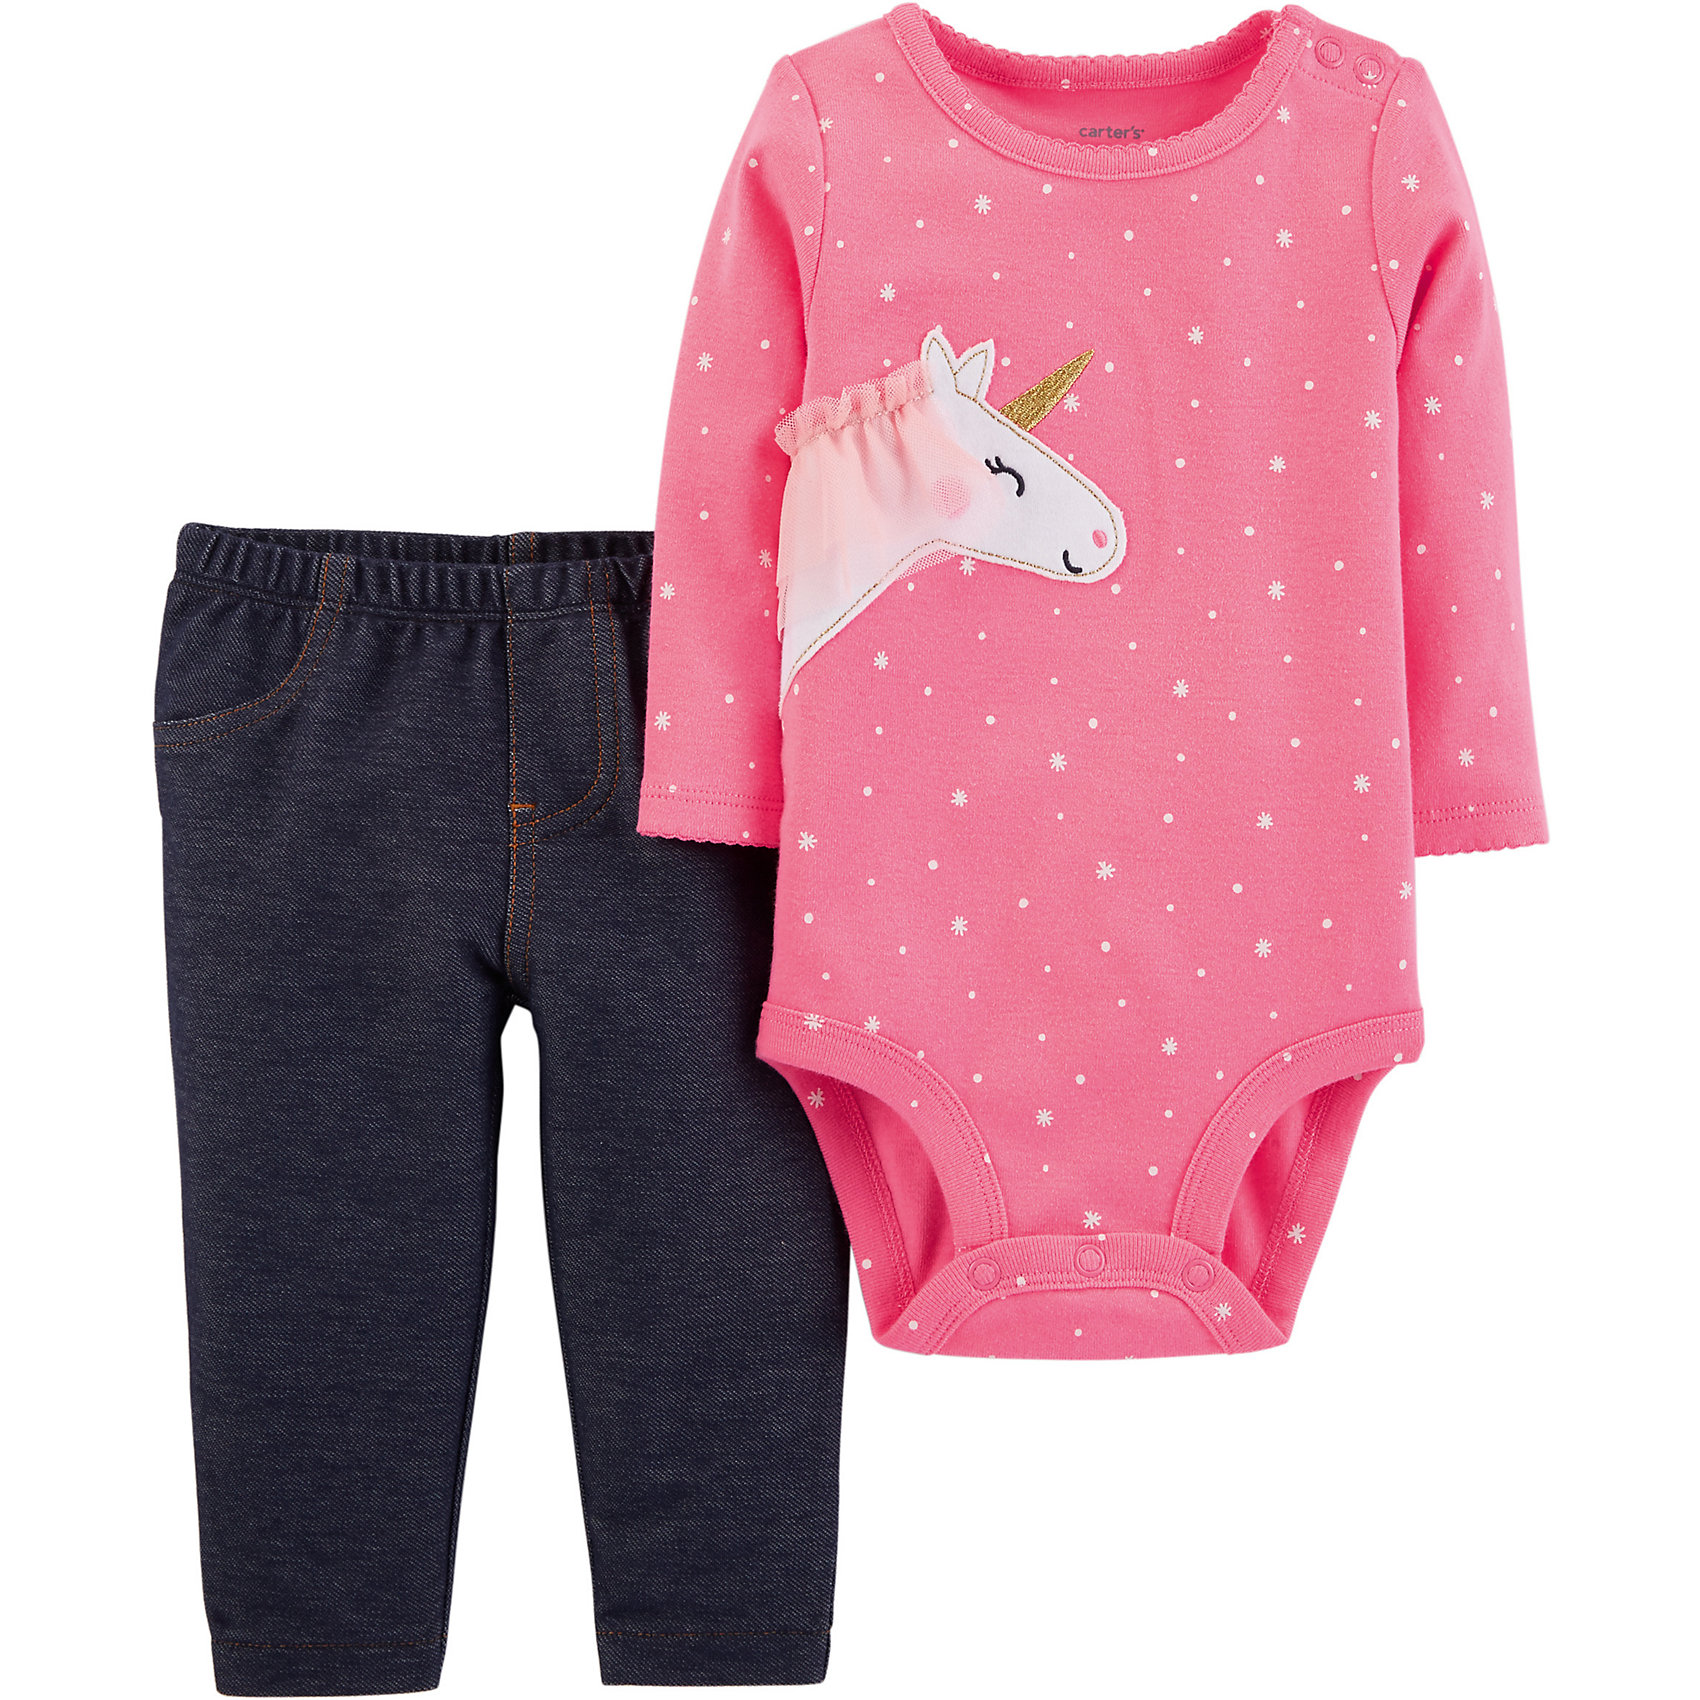 Neu carter`s Baby Set  Langarmbody Jerseyhose für Mädchen 8825545 für Mädchen